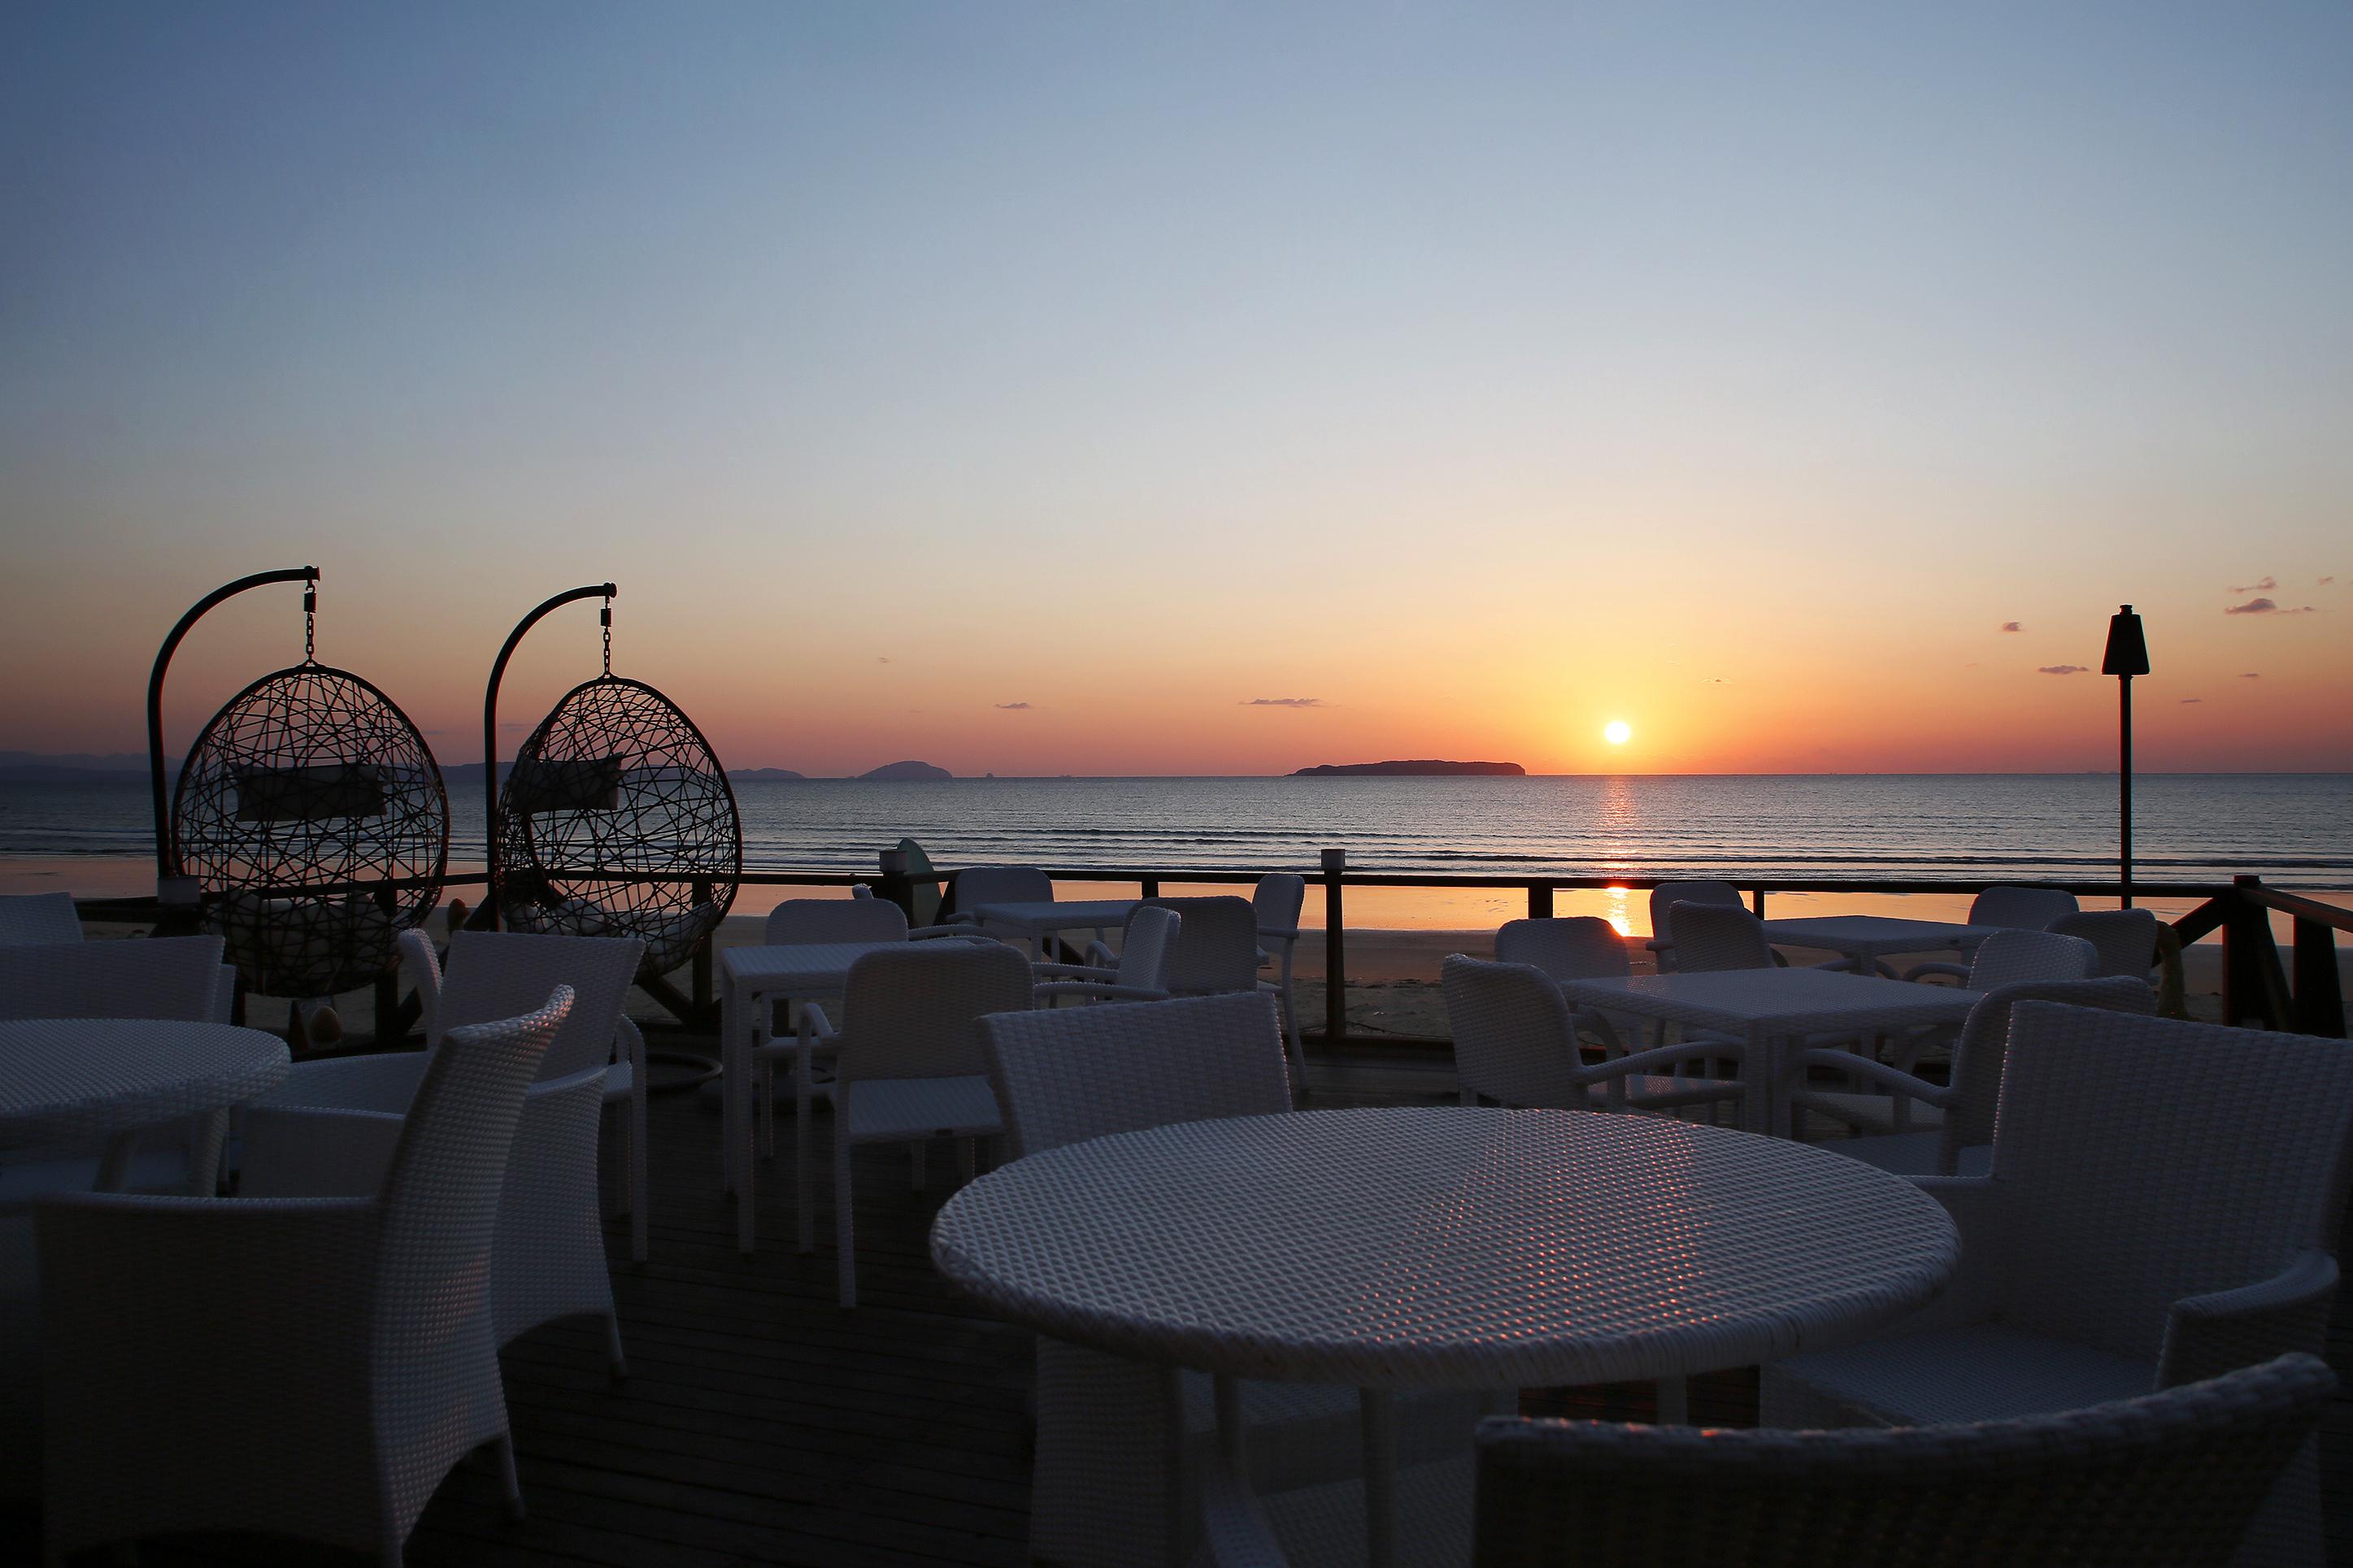 福間海岸 夕陽 BOCCOVILLA(ボッコヴィラ)